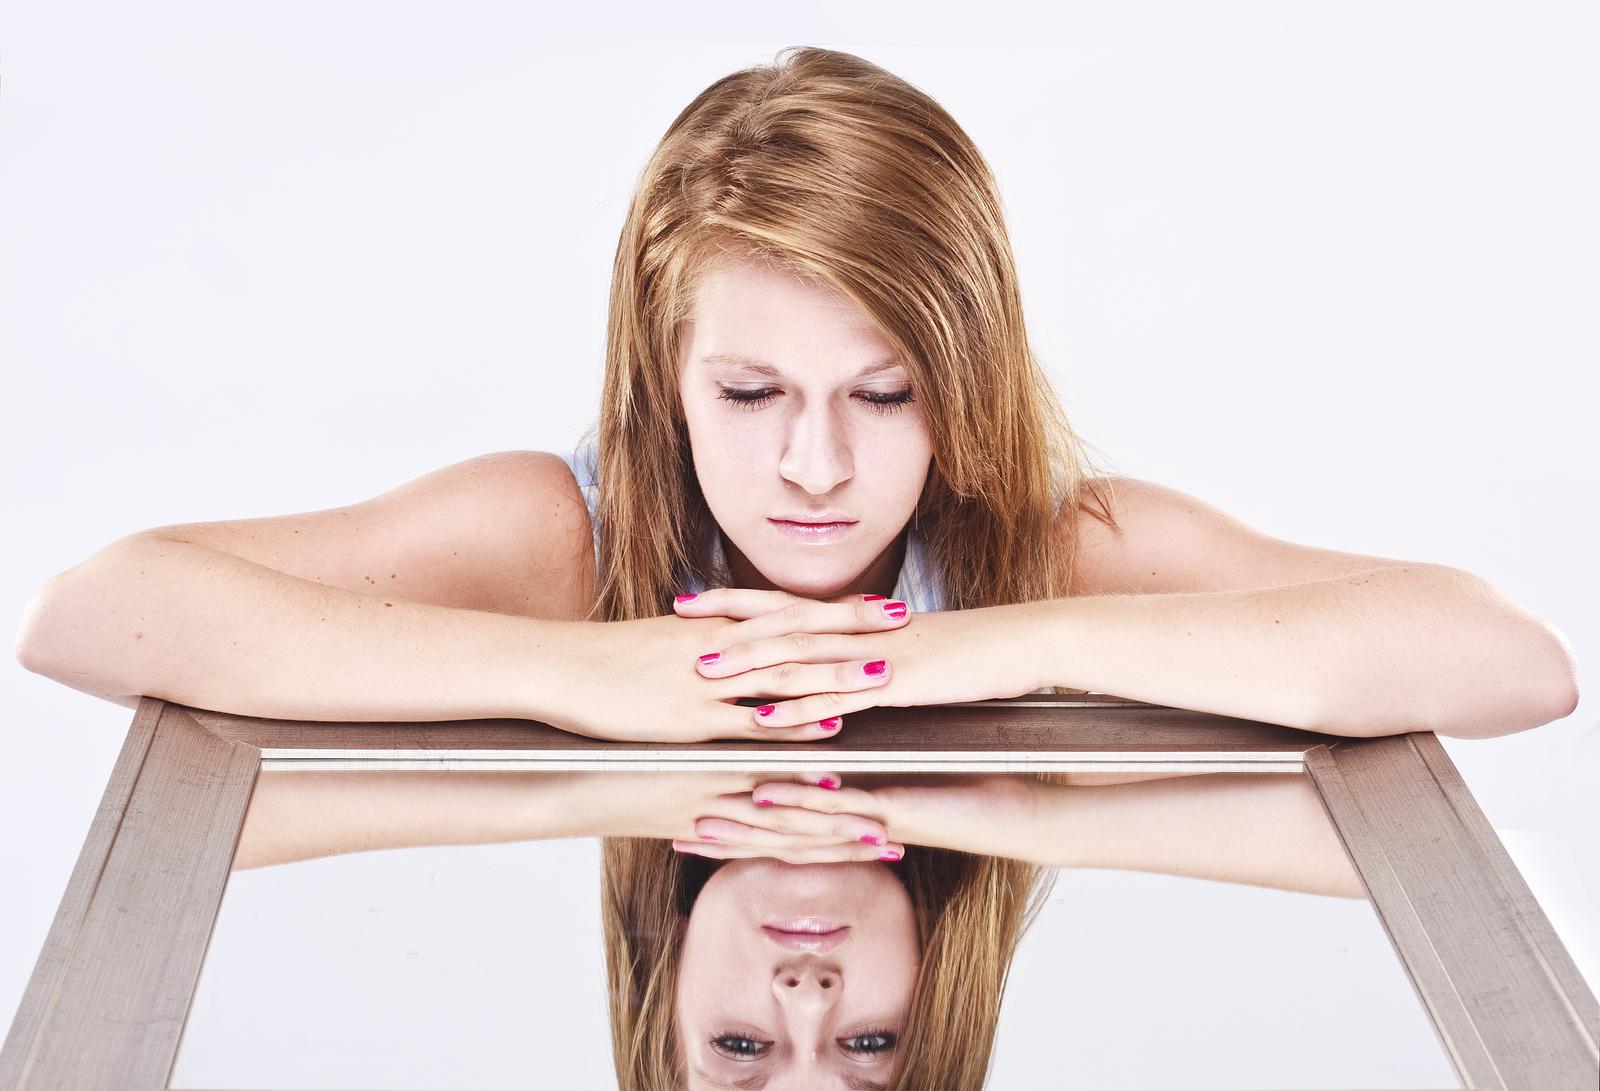 I modi sbagliati per evitare i sentimenti di bassa autostima e cosa fare.